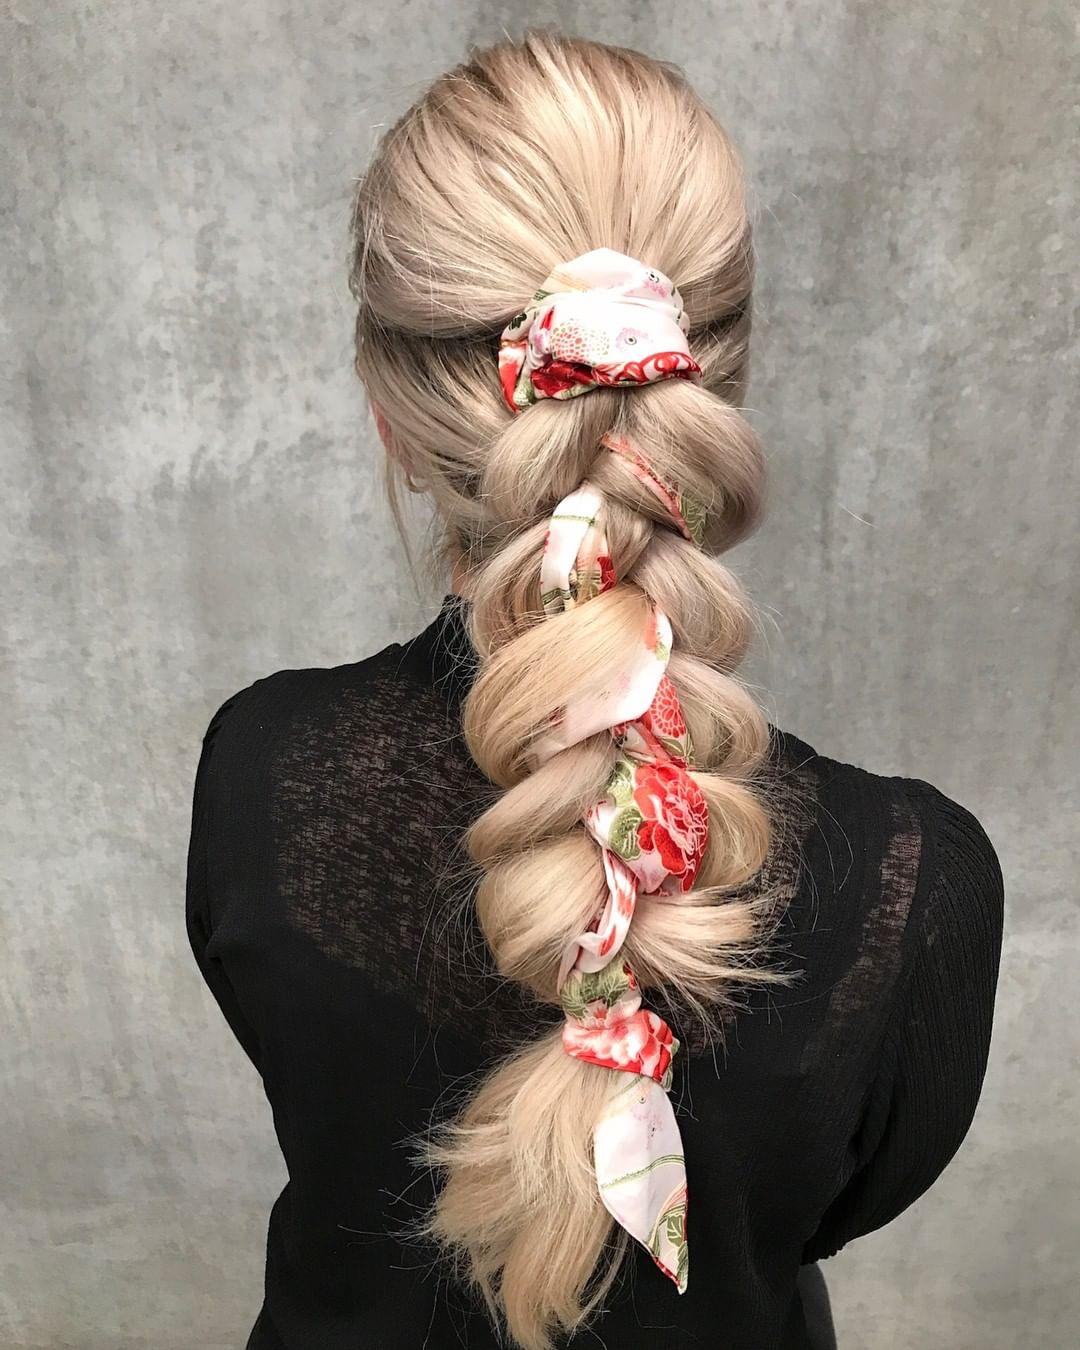 аксессуары для волос фото 12